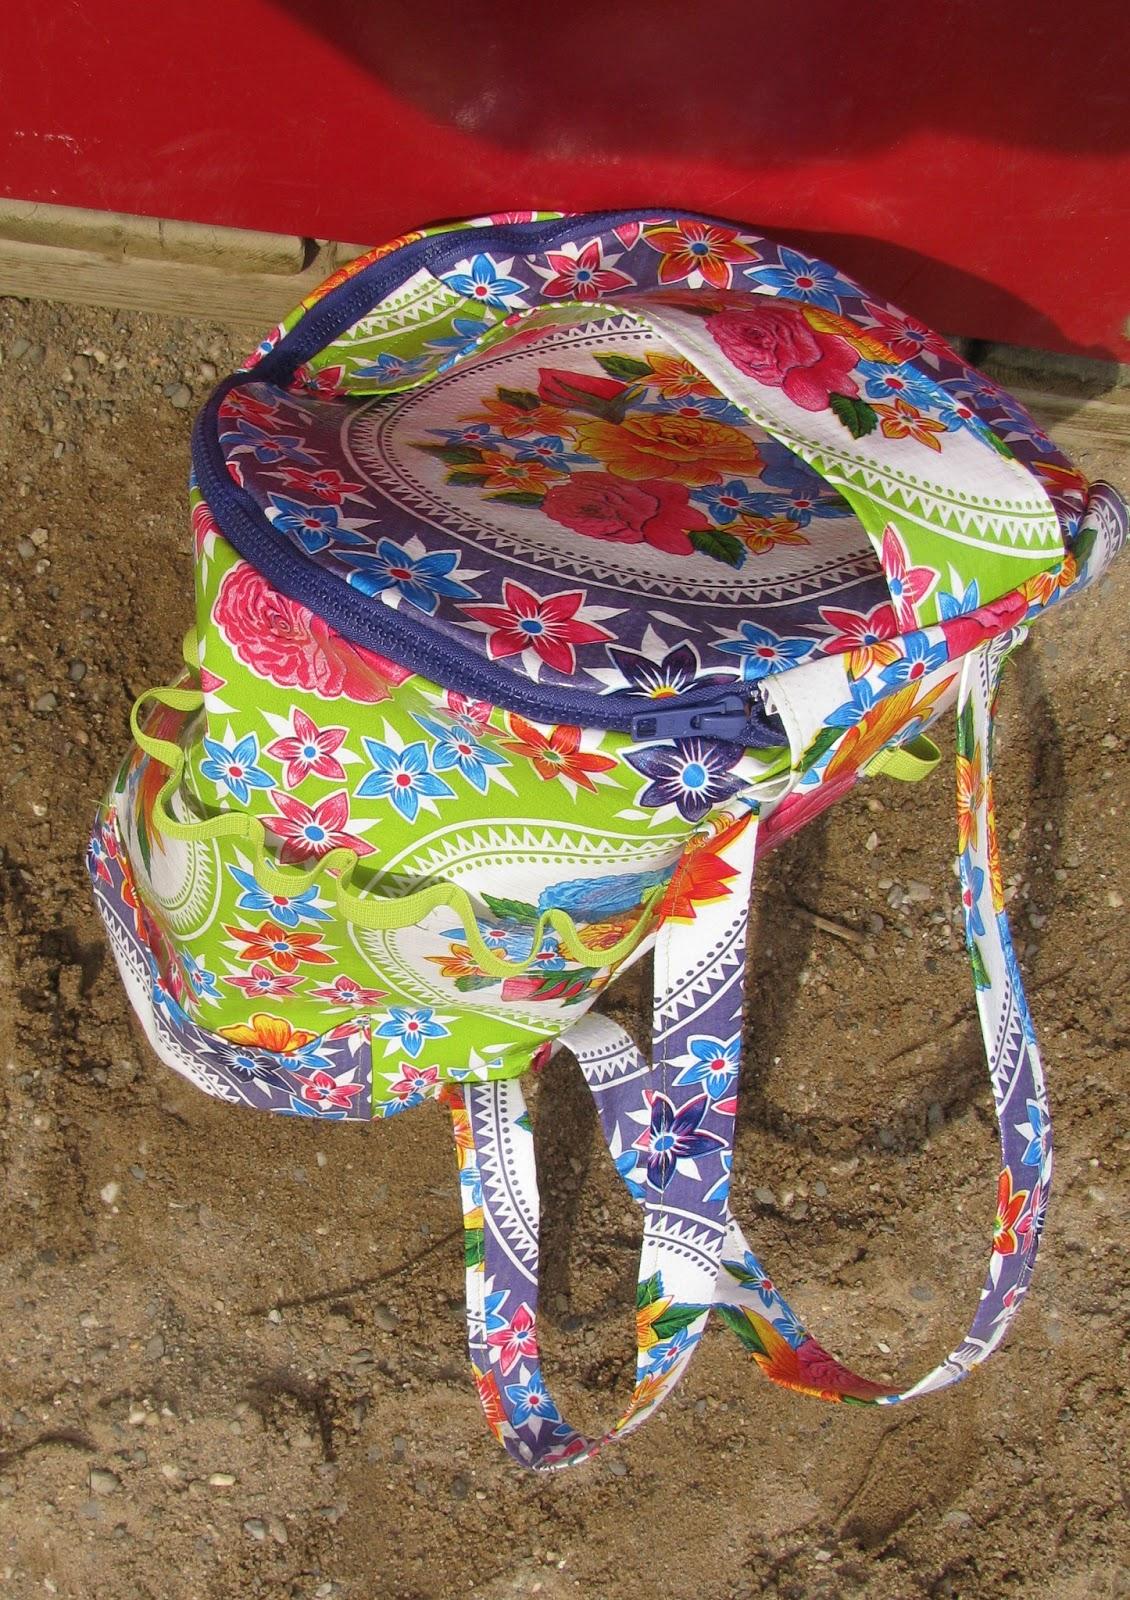 Tasche für Sandspielzeug die als Rucksack getragen werden kann